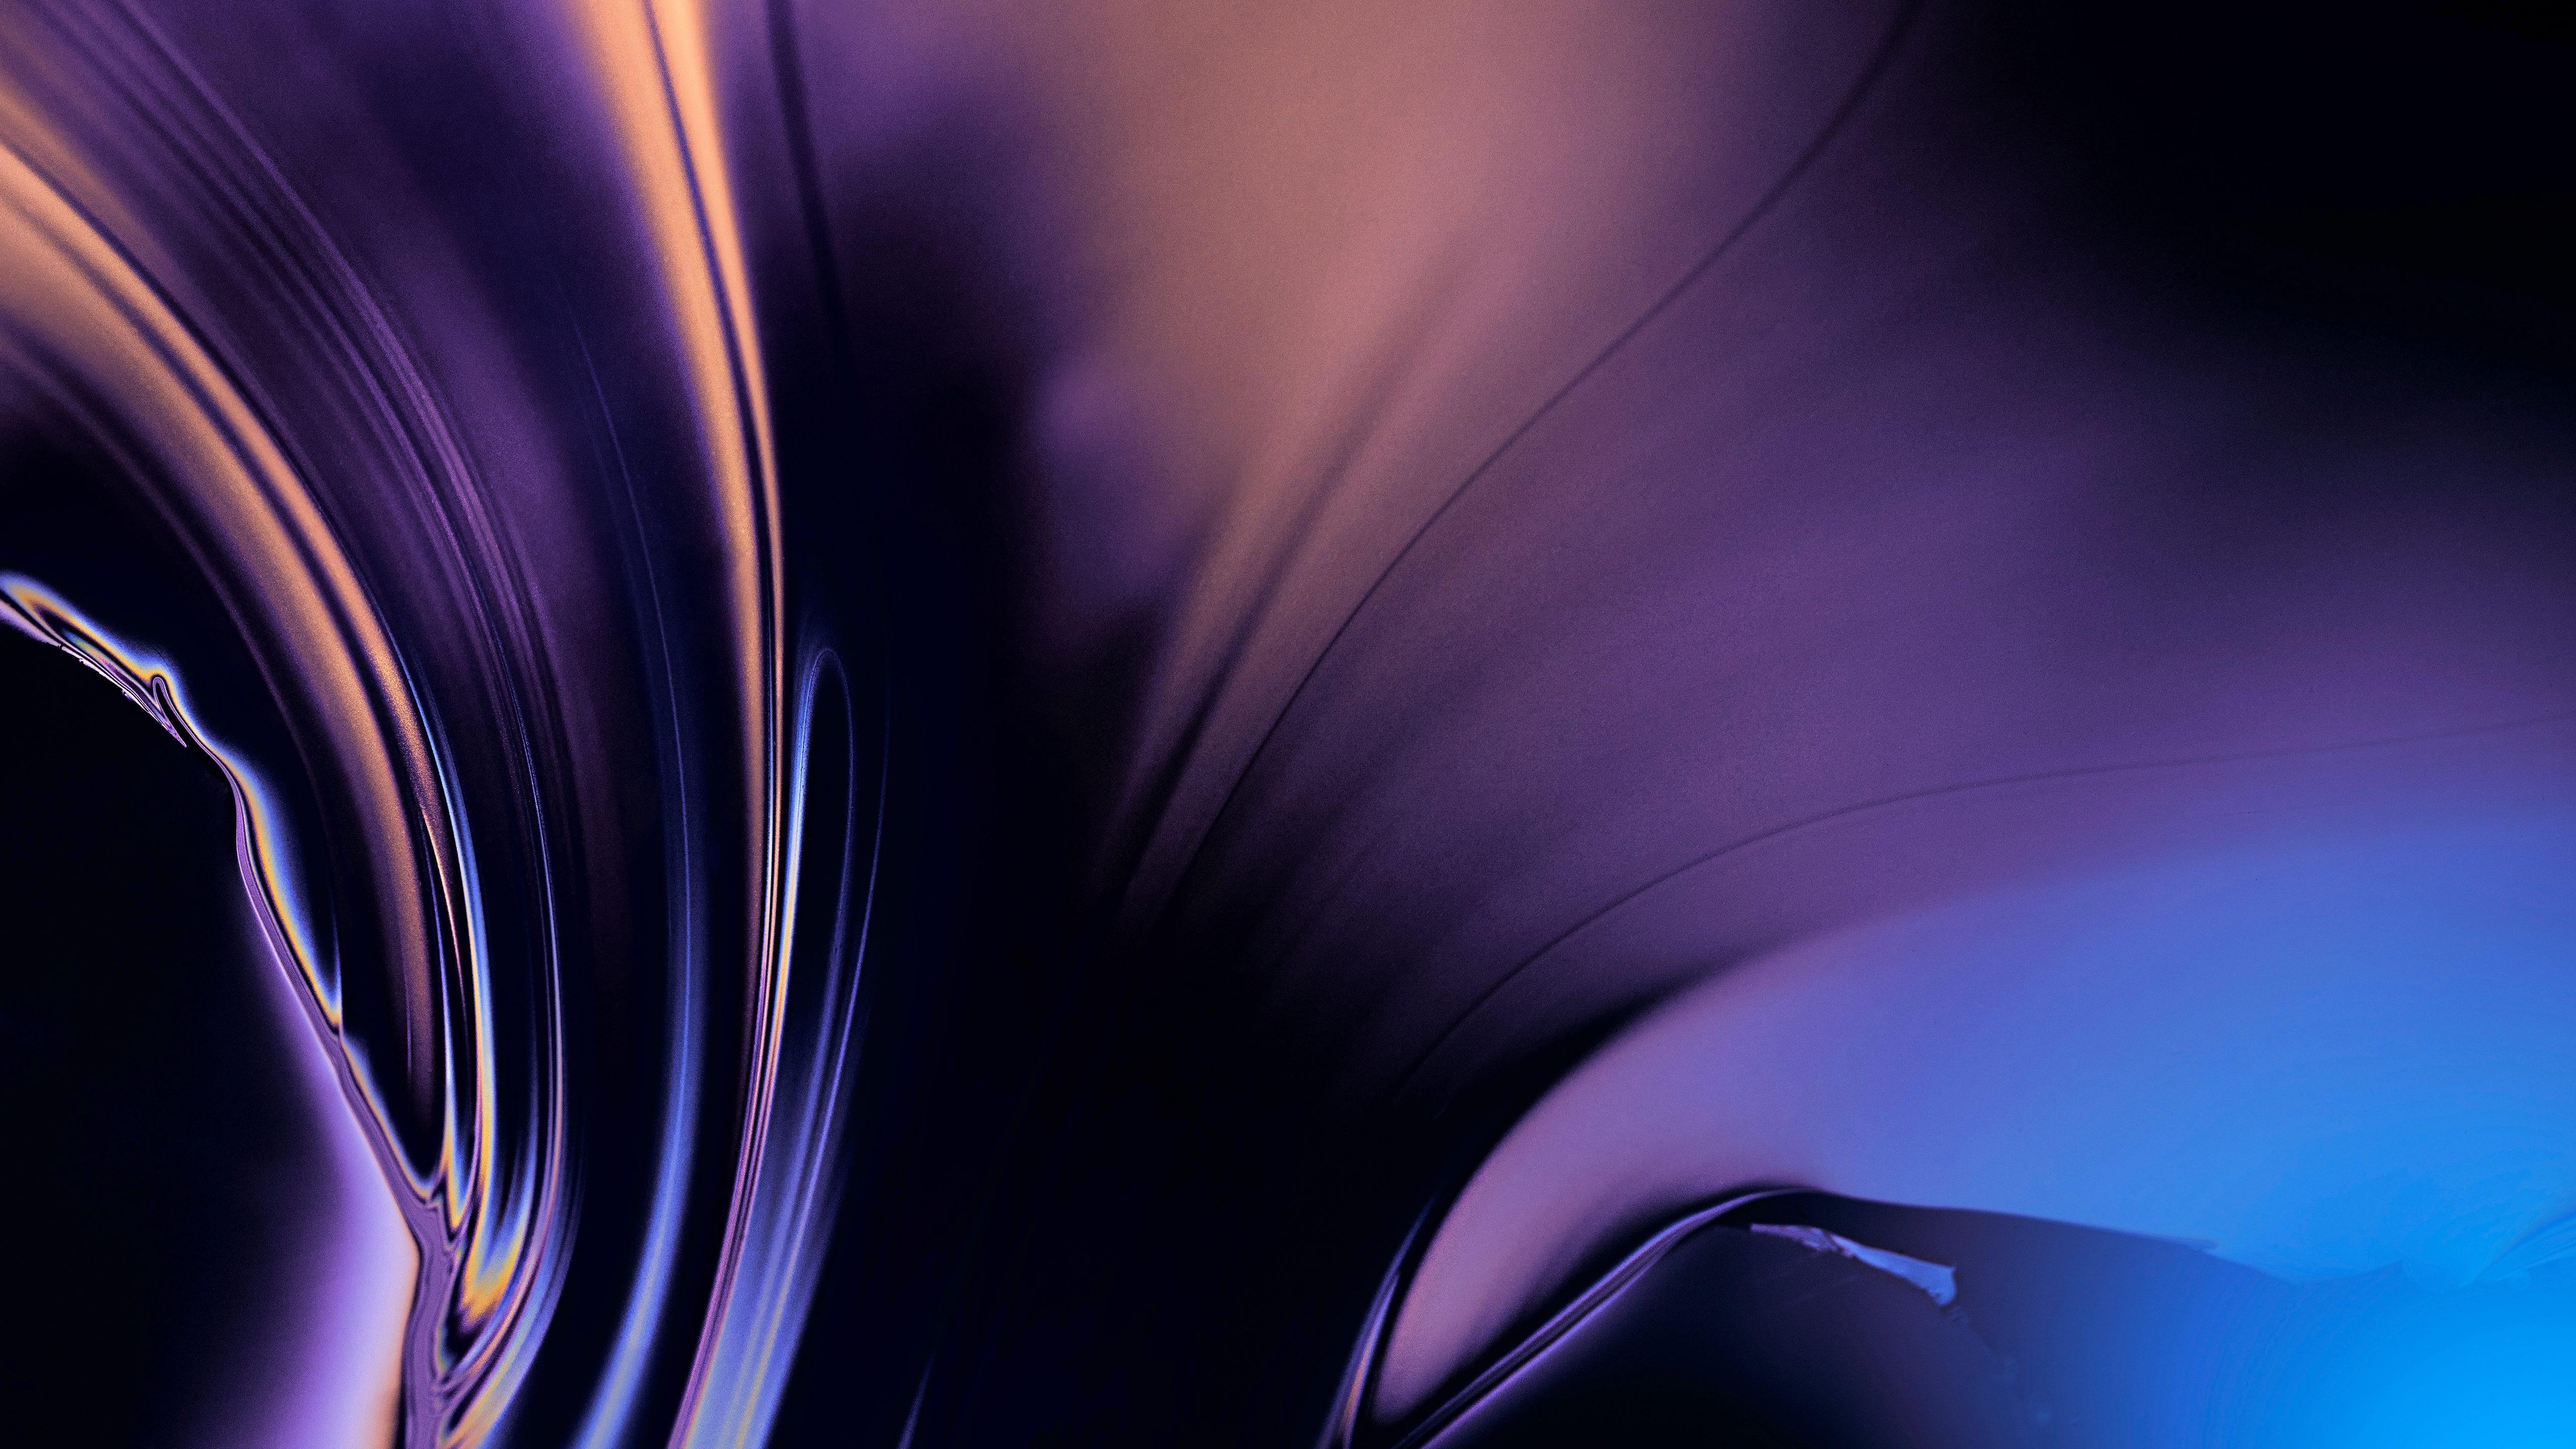 Wallpaper macOS Mojave, abstract, technastic, 5K, OS #20508